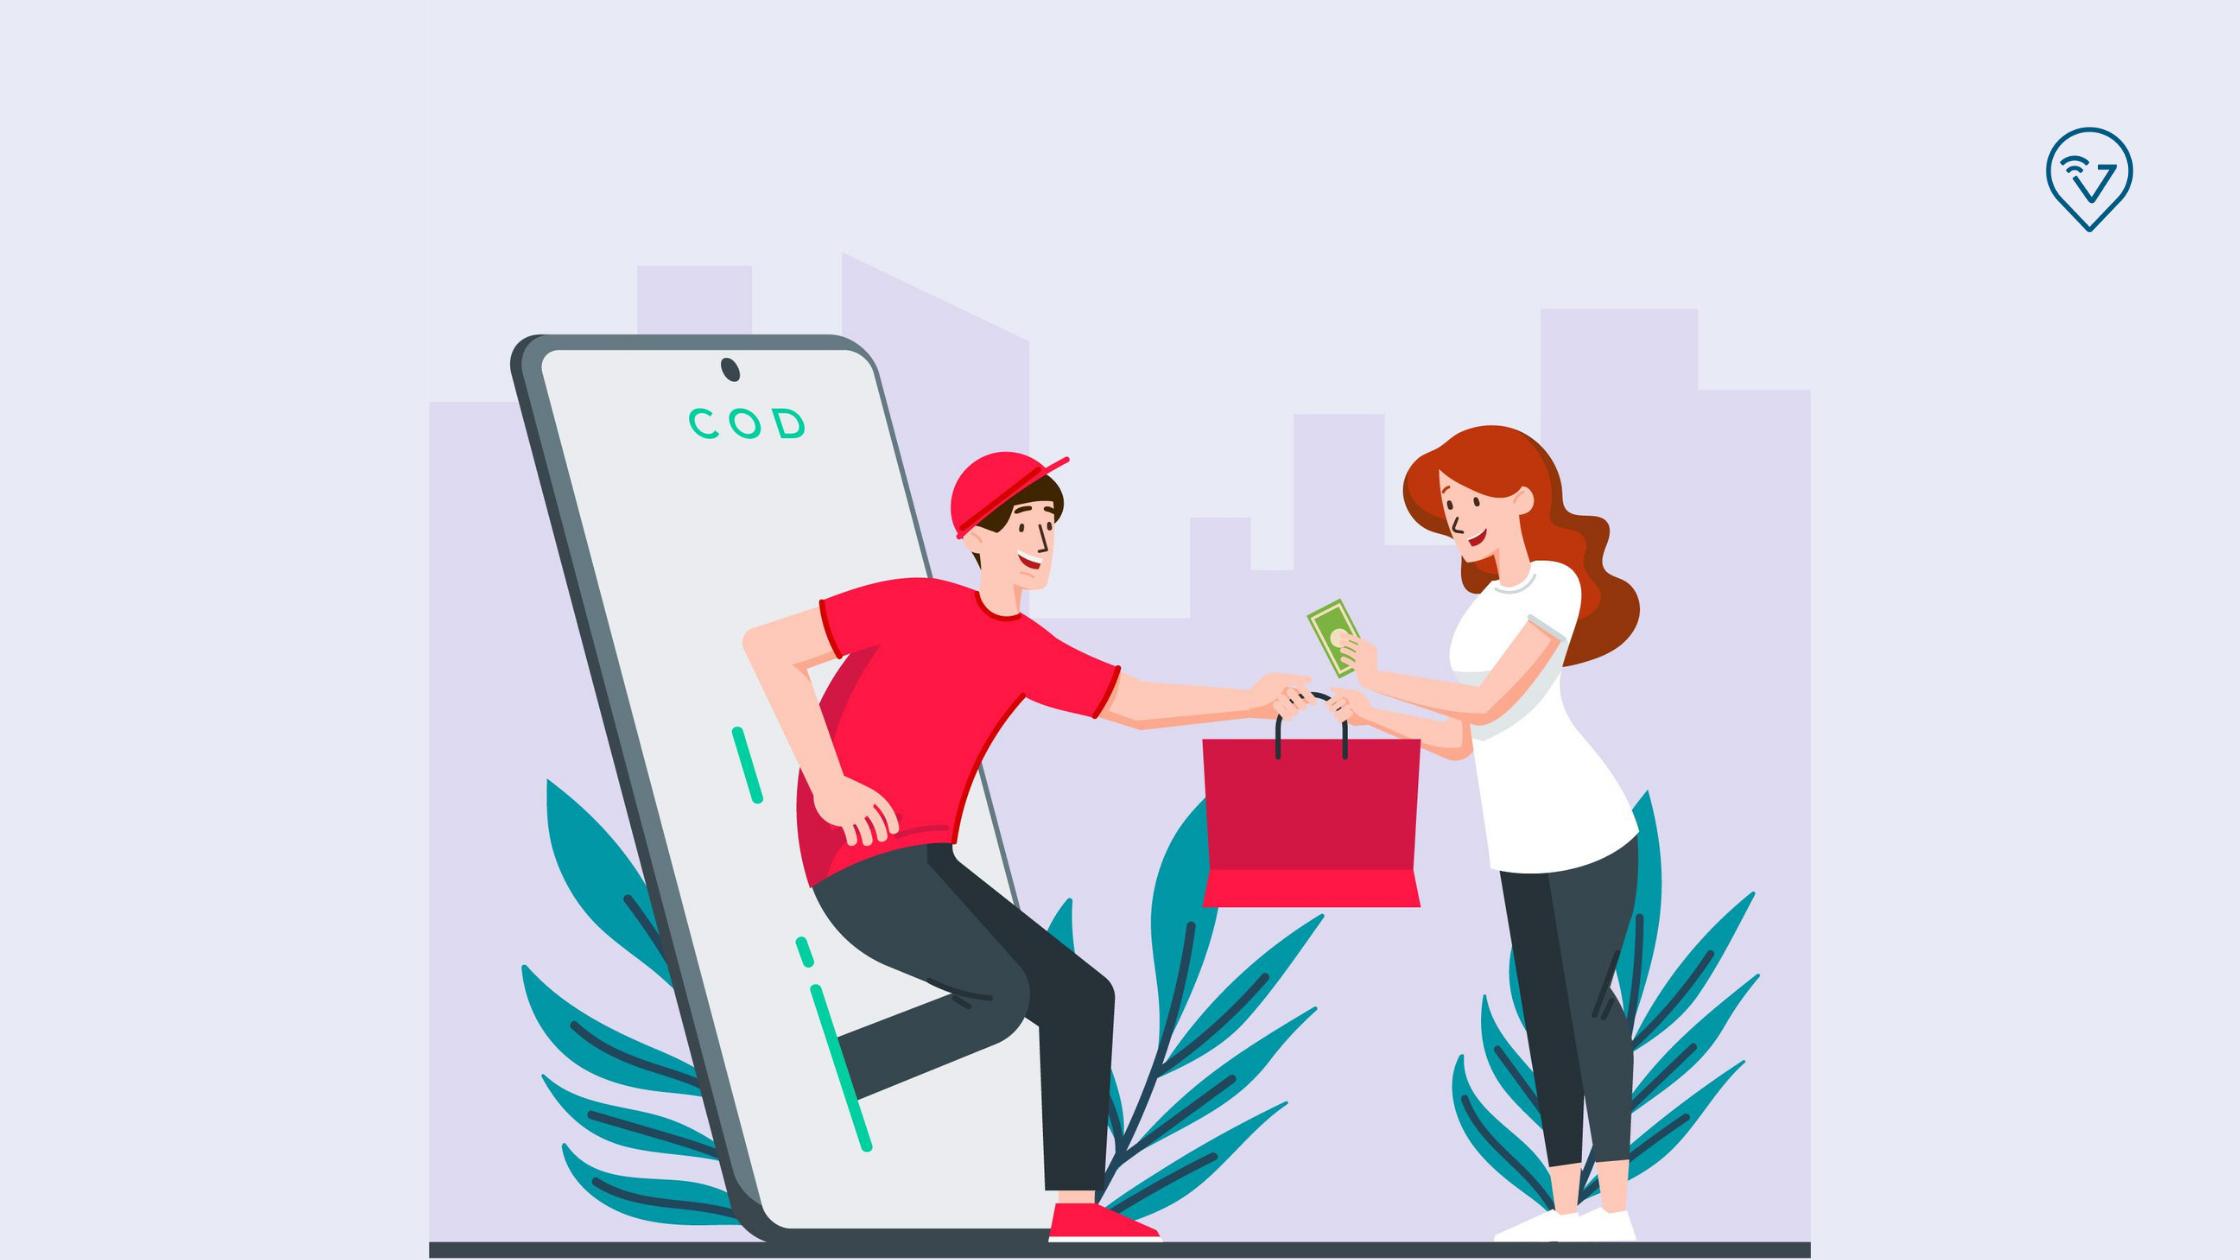 Taxa de entrega: aprenda como calcular para o seu delivery